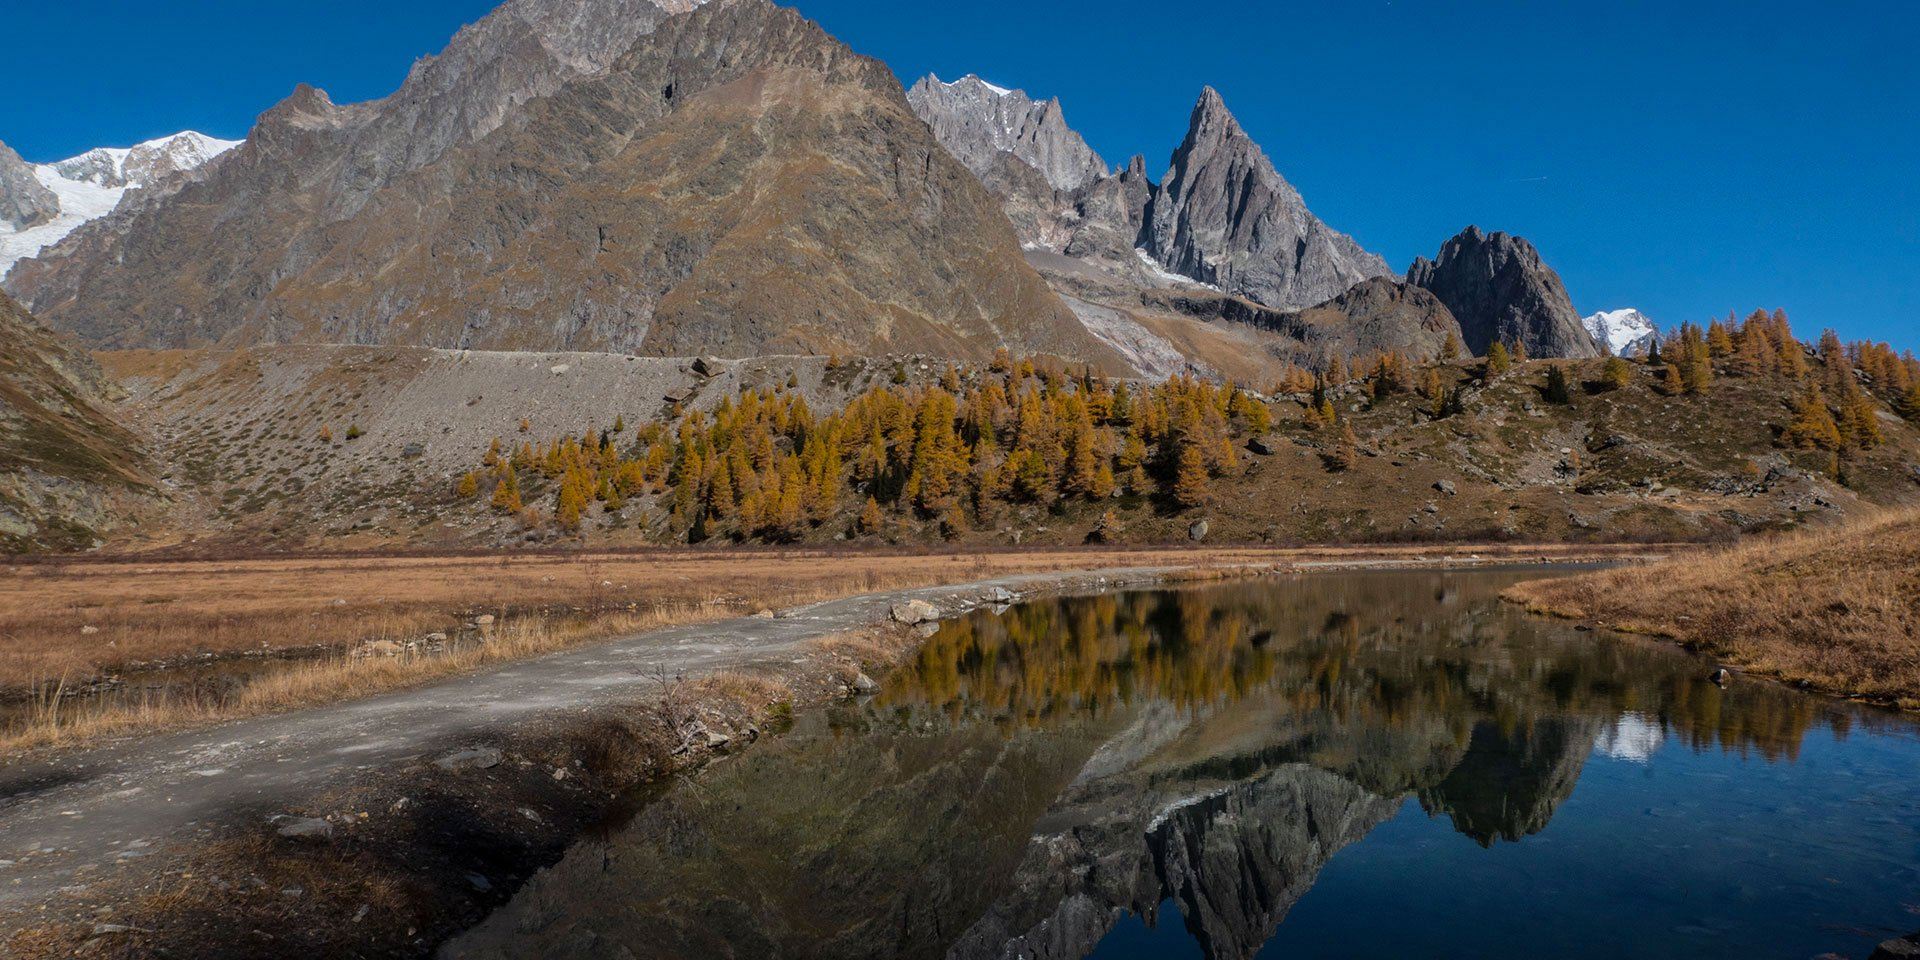 Foto panoramica del Monte Bianco